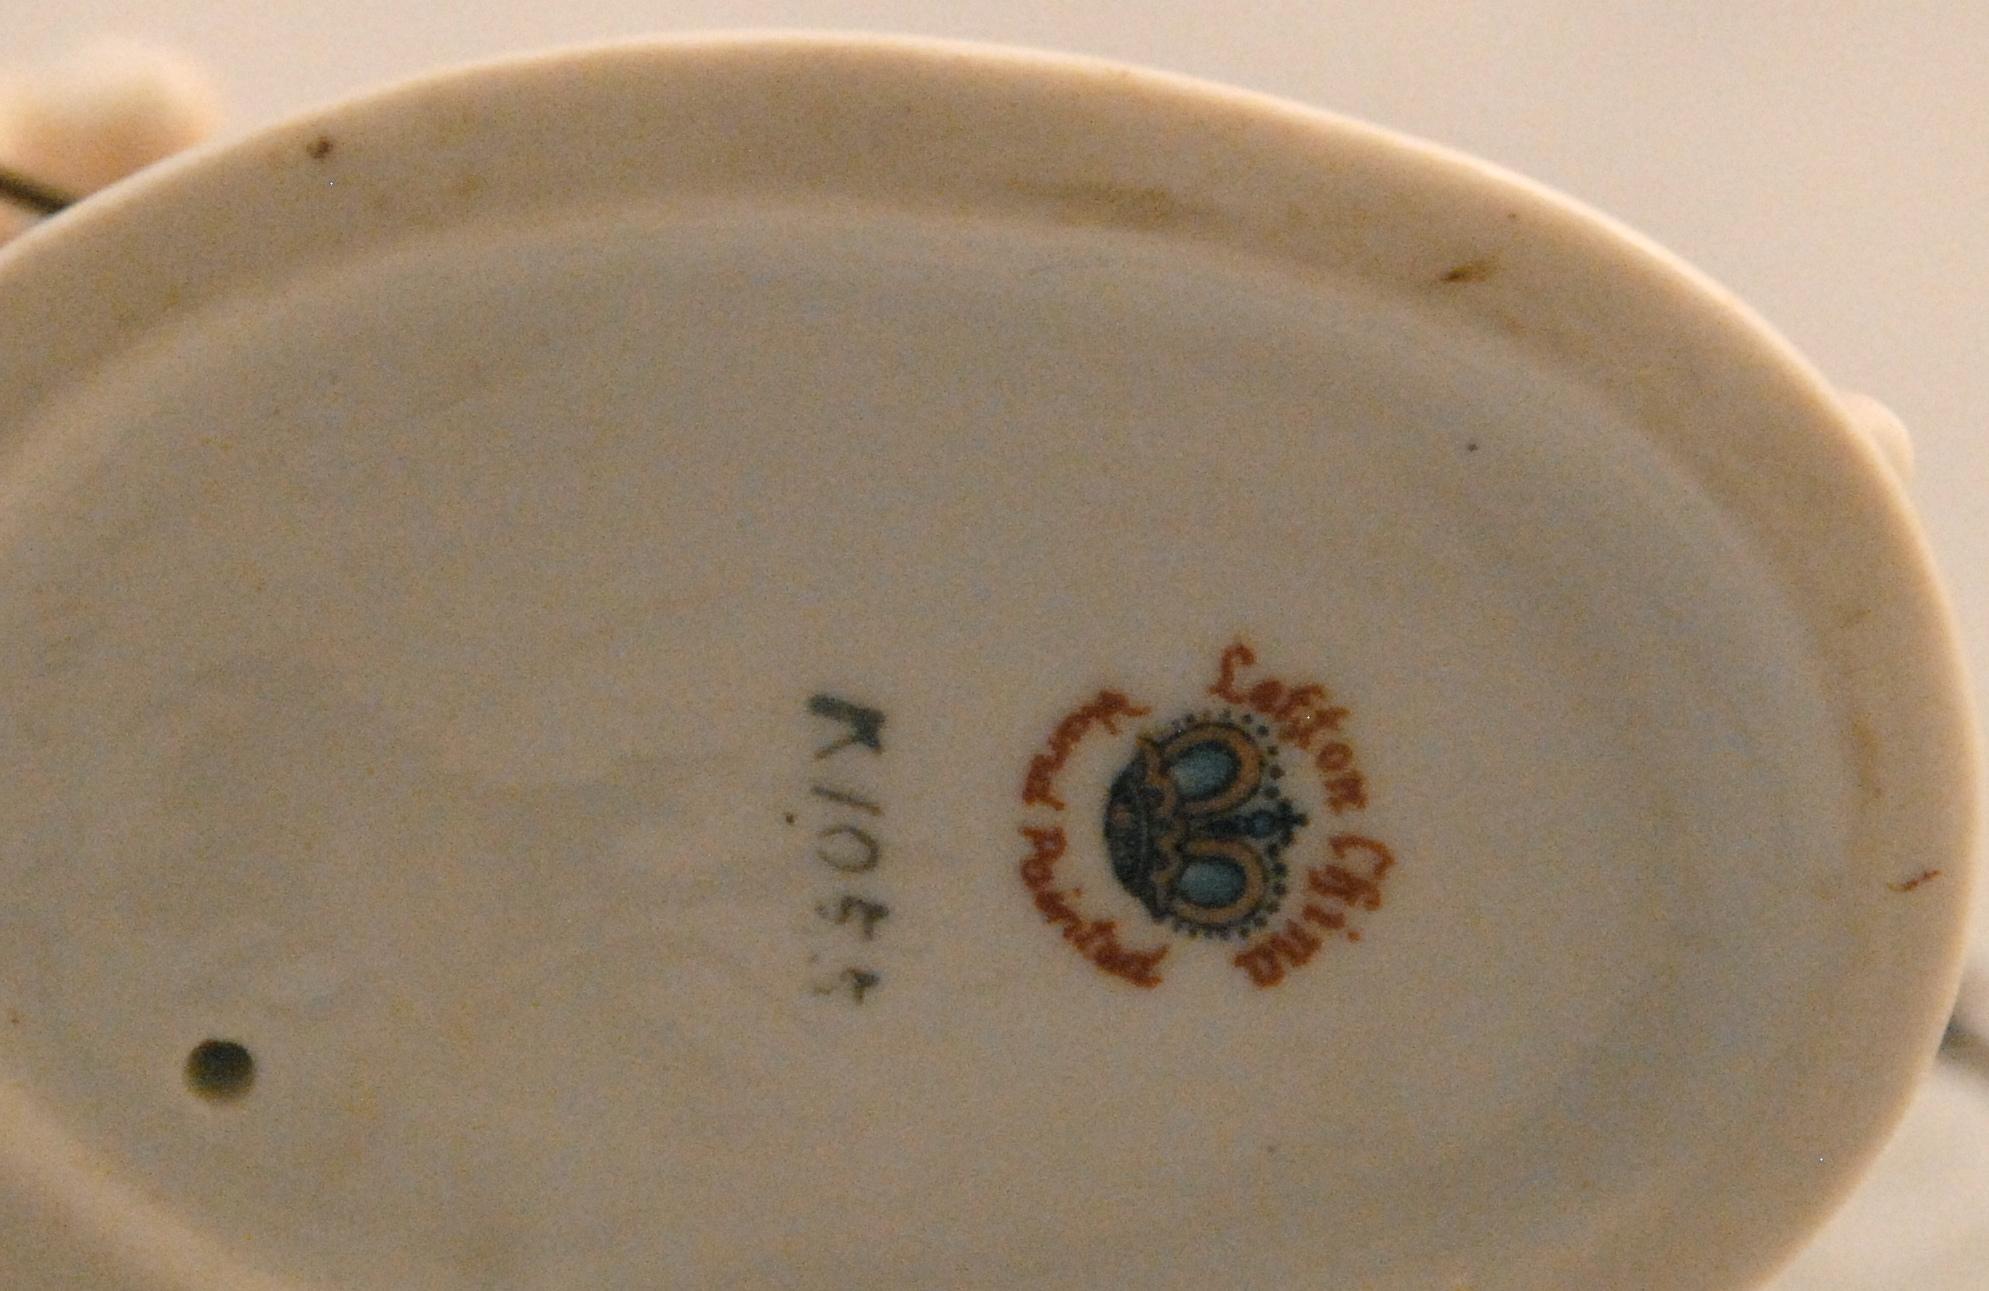 Lefton china mark